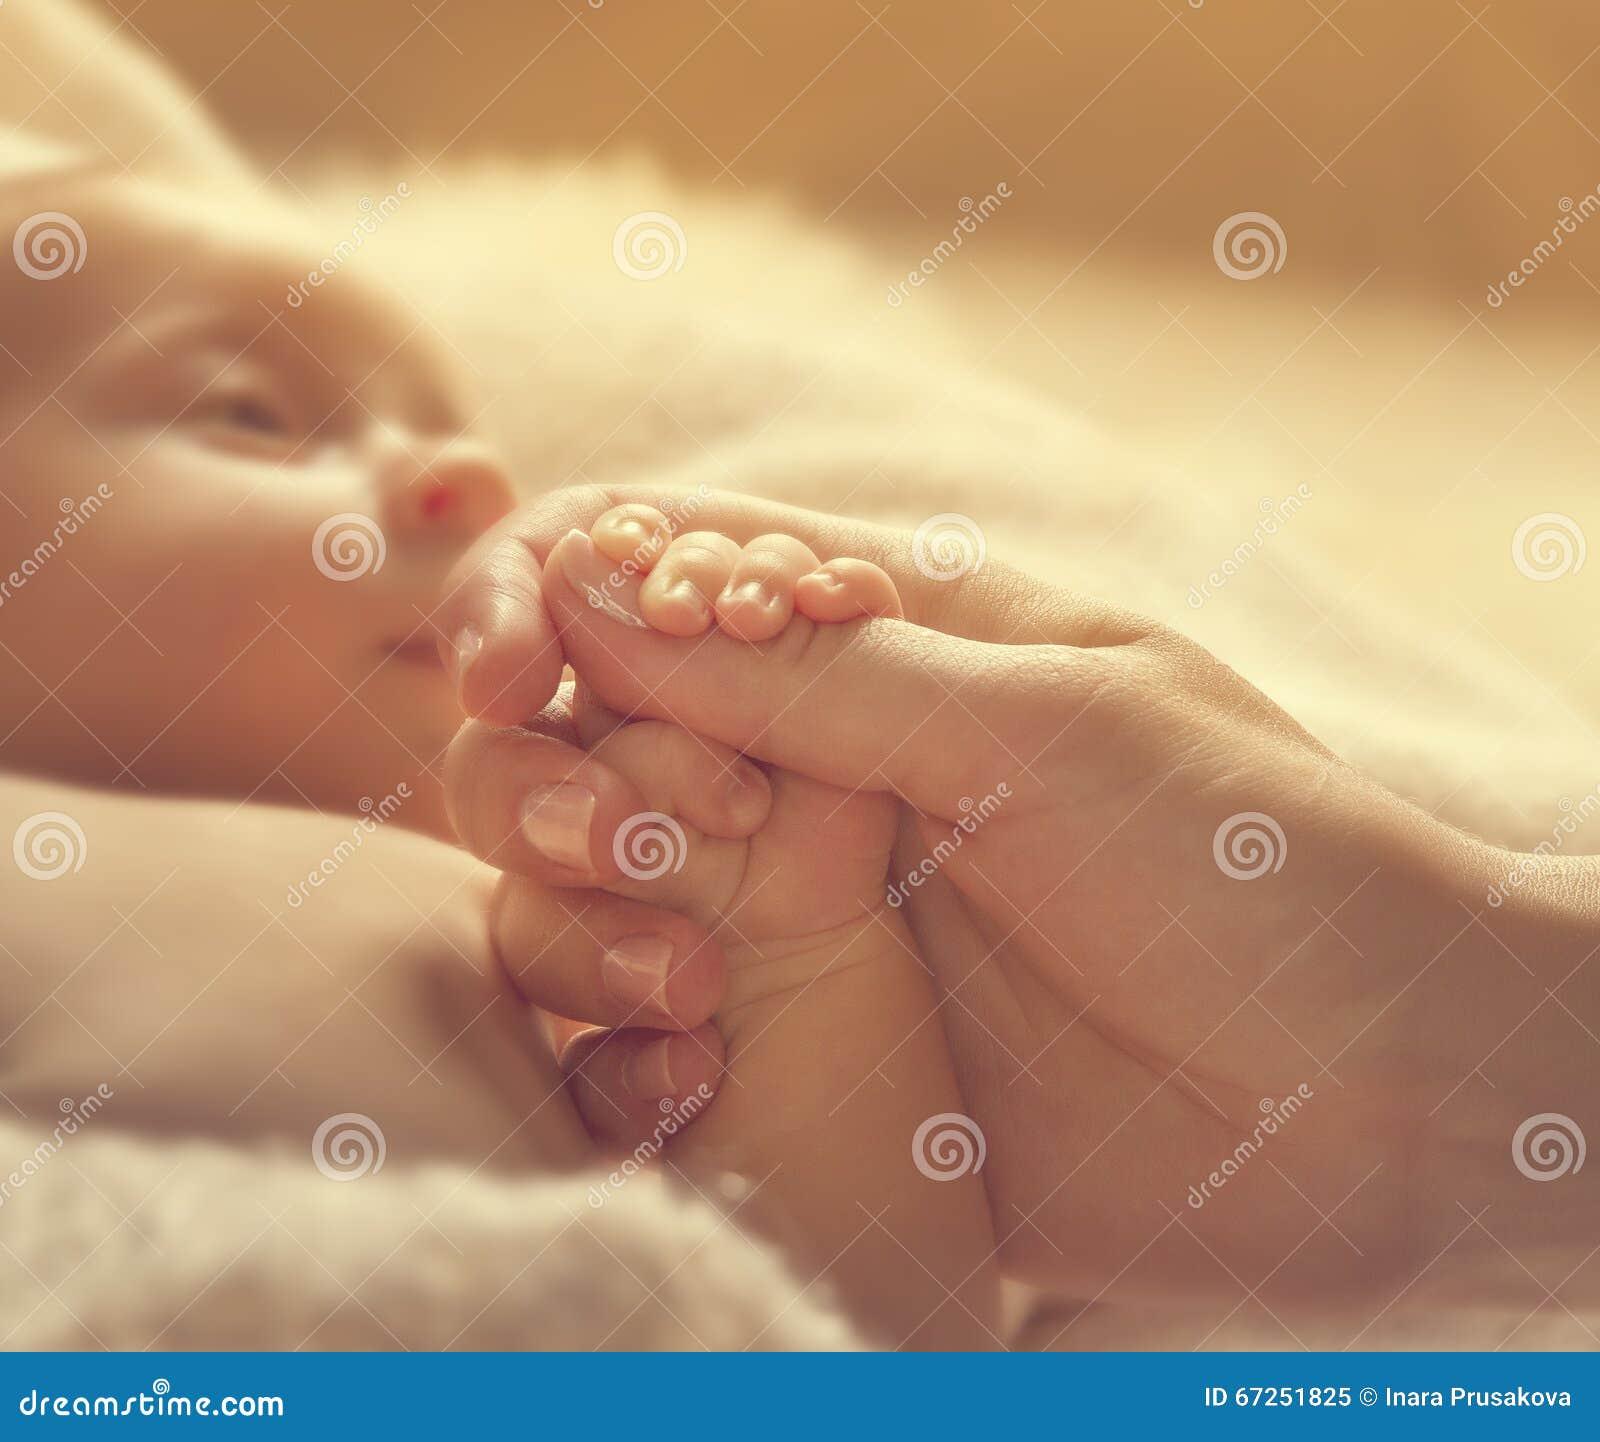 Bebê que guarda as mãos da mãe, saúde recém-nascida doente, ajuda recém-nascida